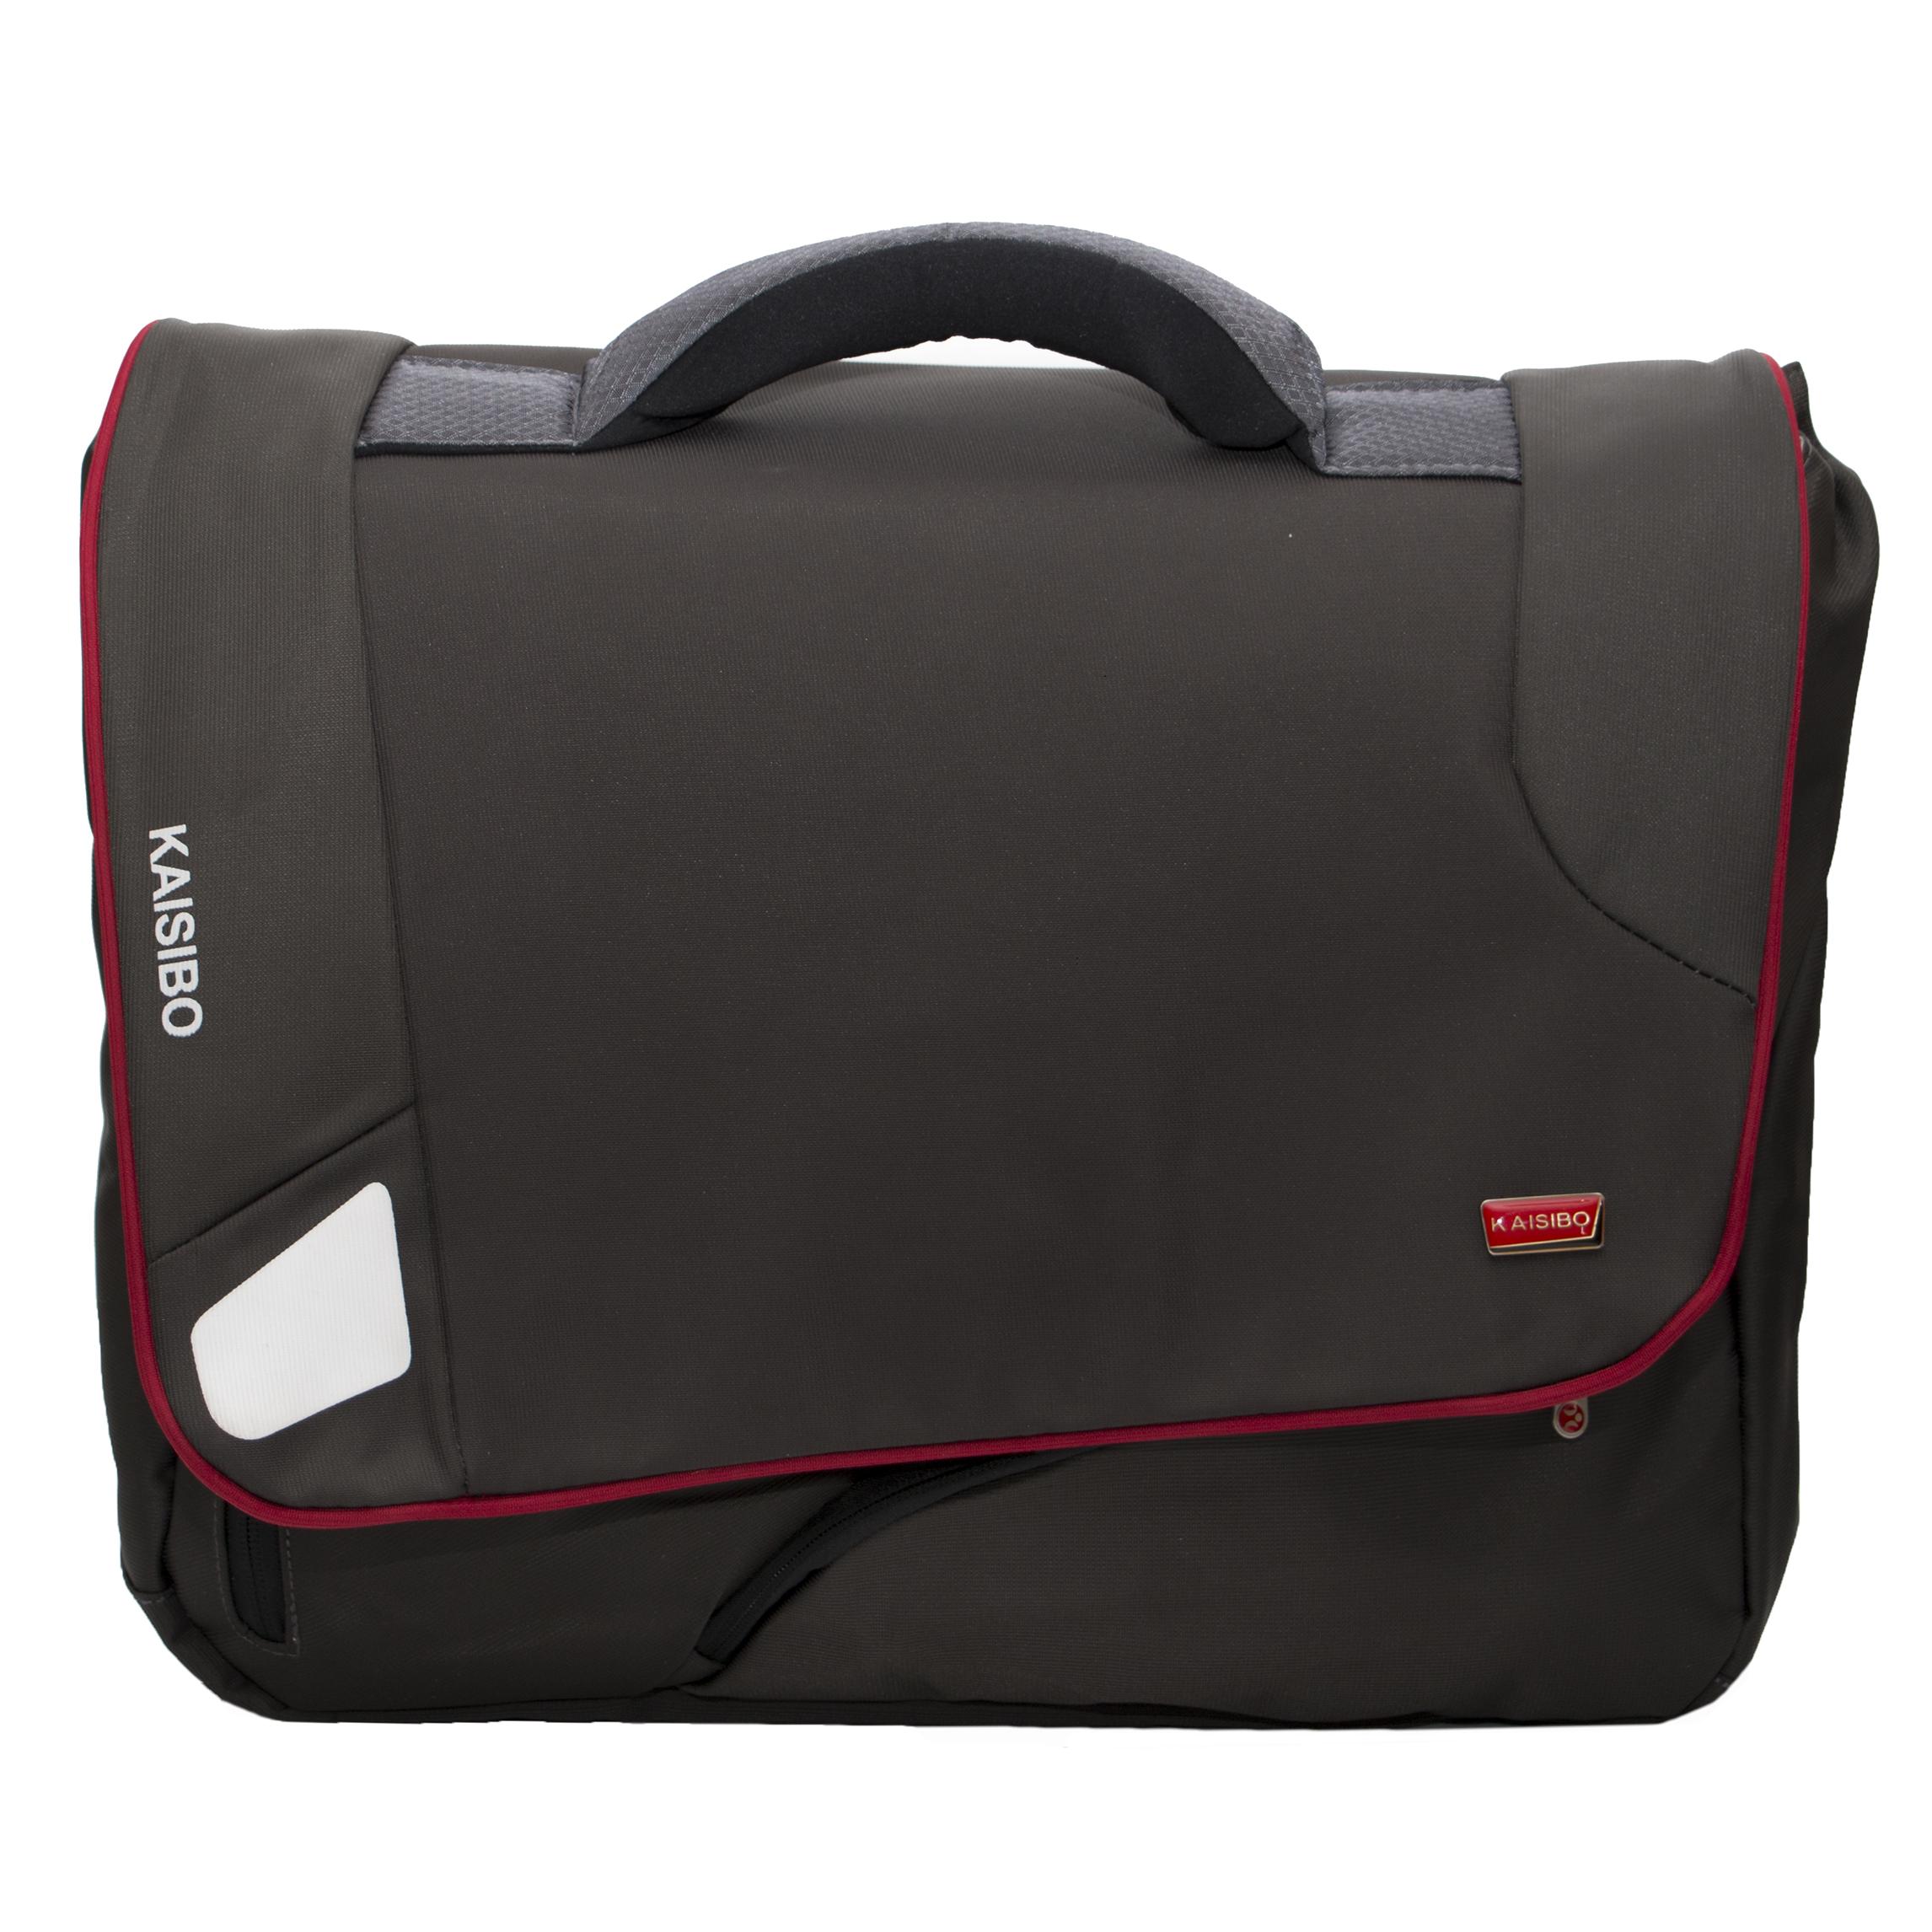 کیف لپ تاپ مدل KA-8450 S مناسب برای لپ تاپ 13 اینچی